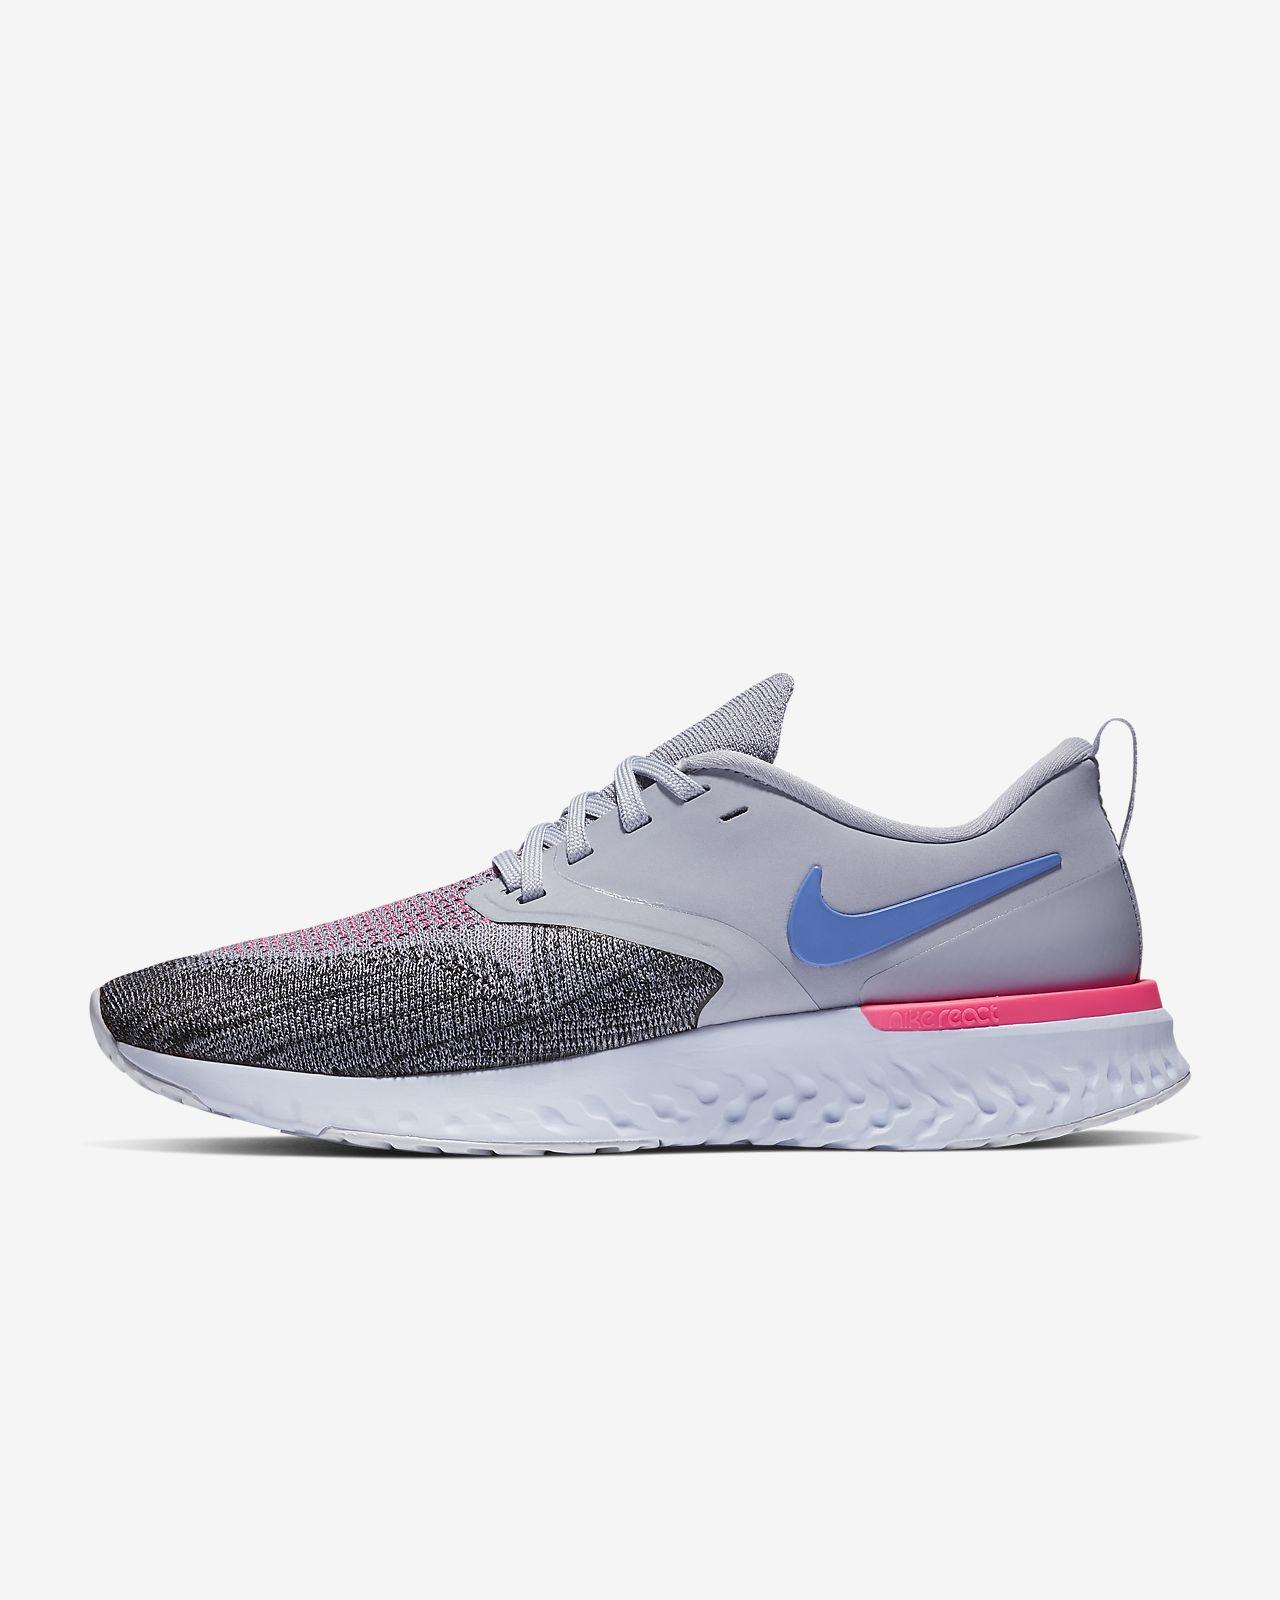 Dámská běžecká bota Nike Odyssey React Flyknit 2. Nike.com CZ 72883733afd